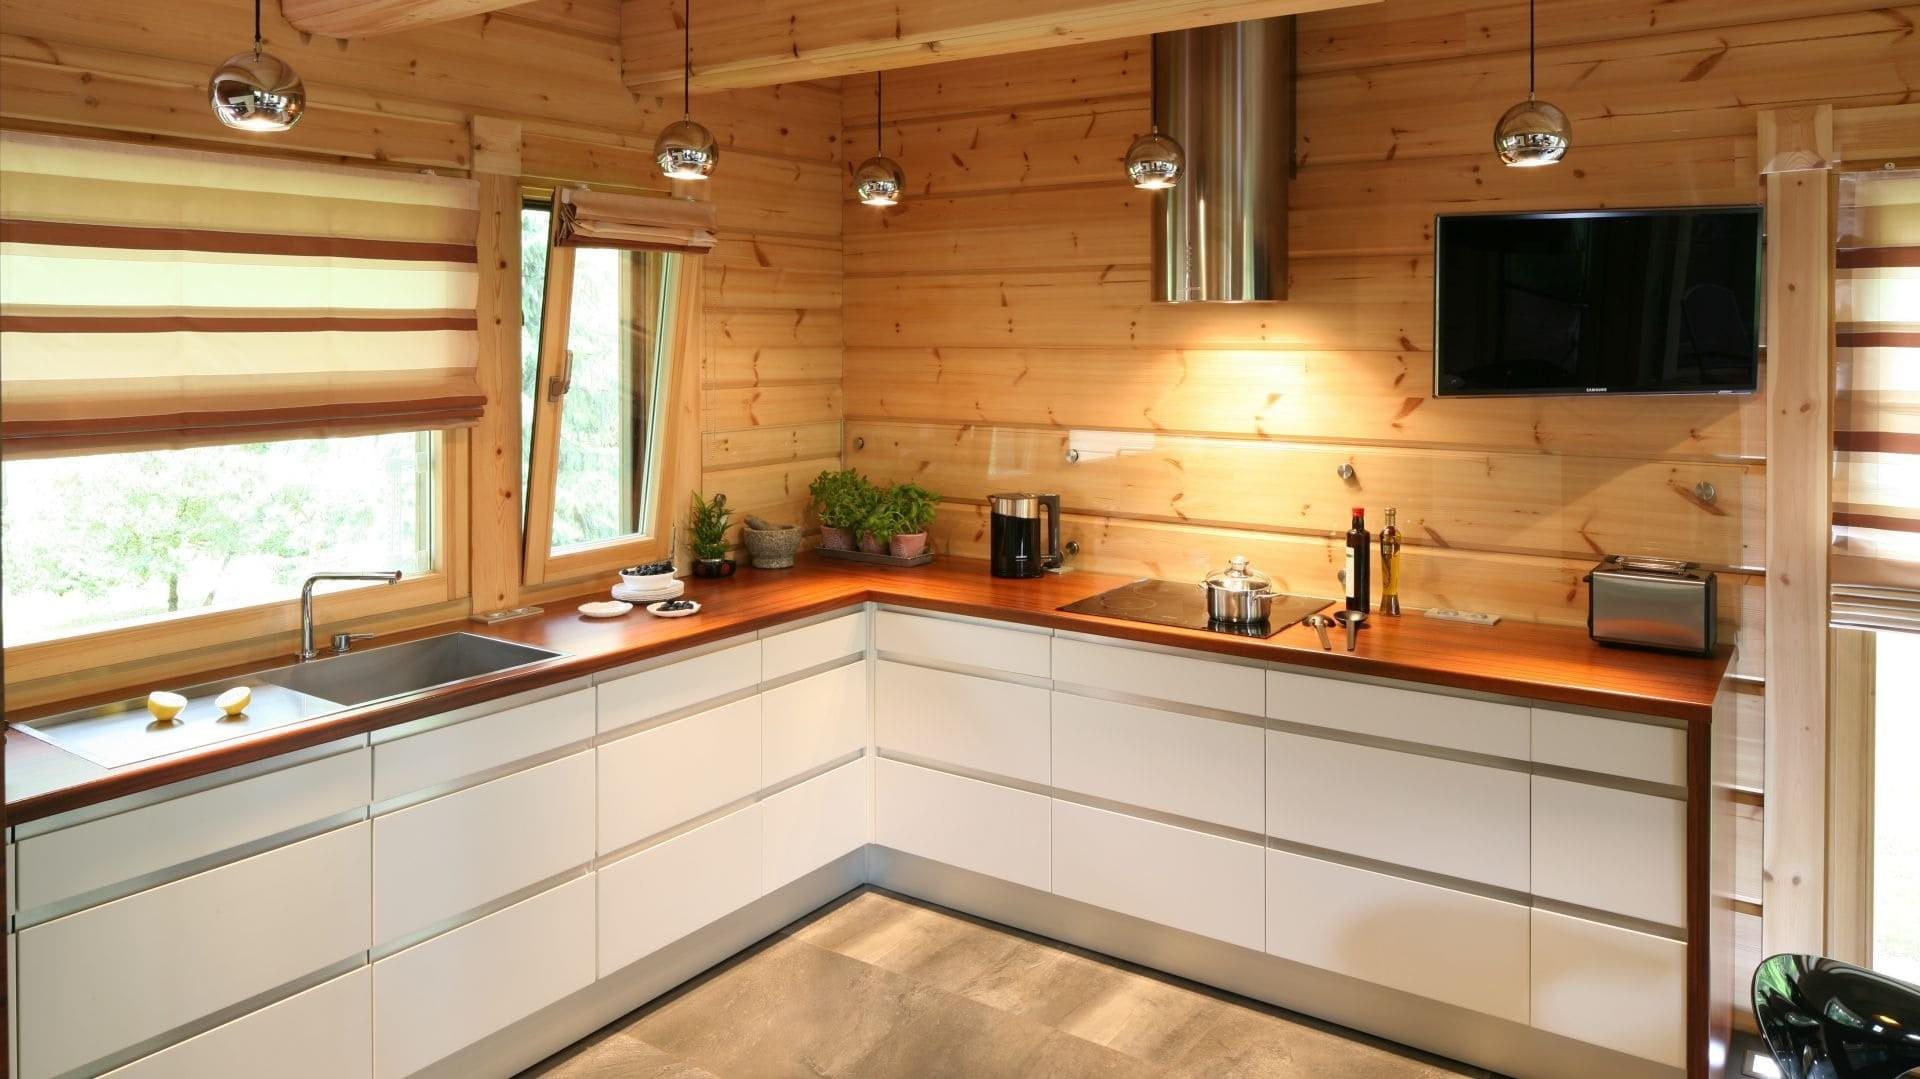 кухня с мойкой у окна фото дизайн